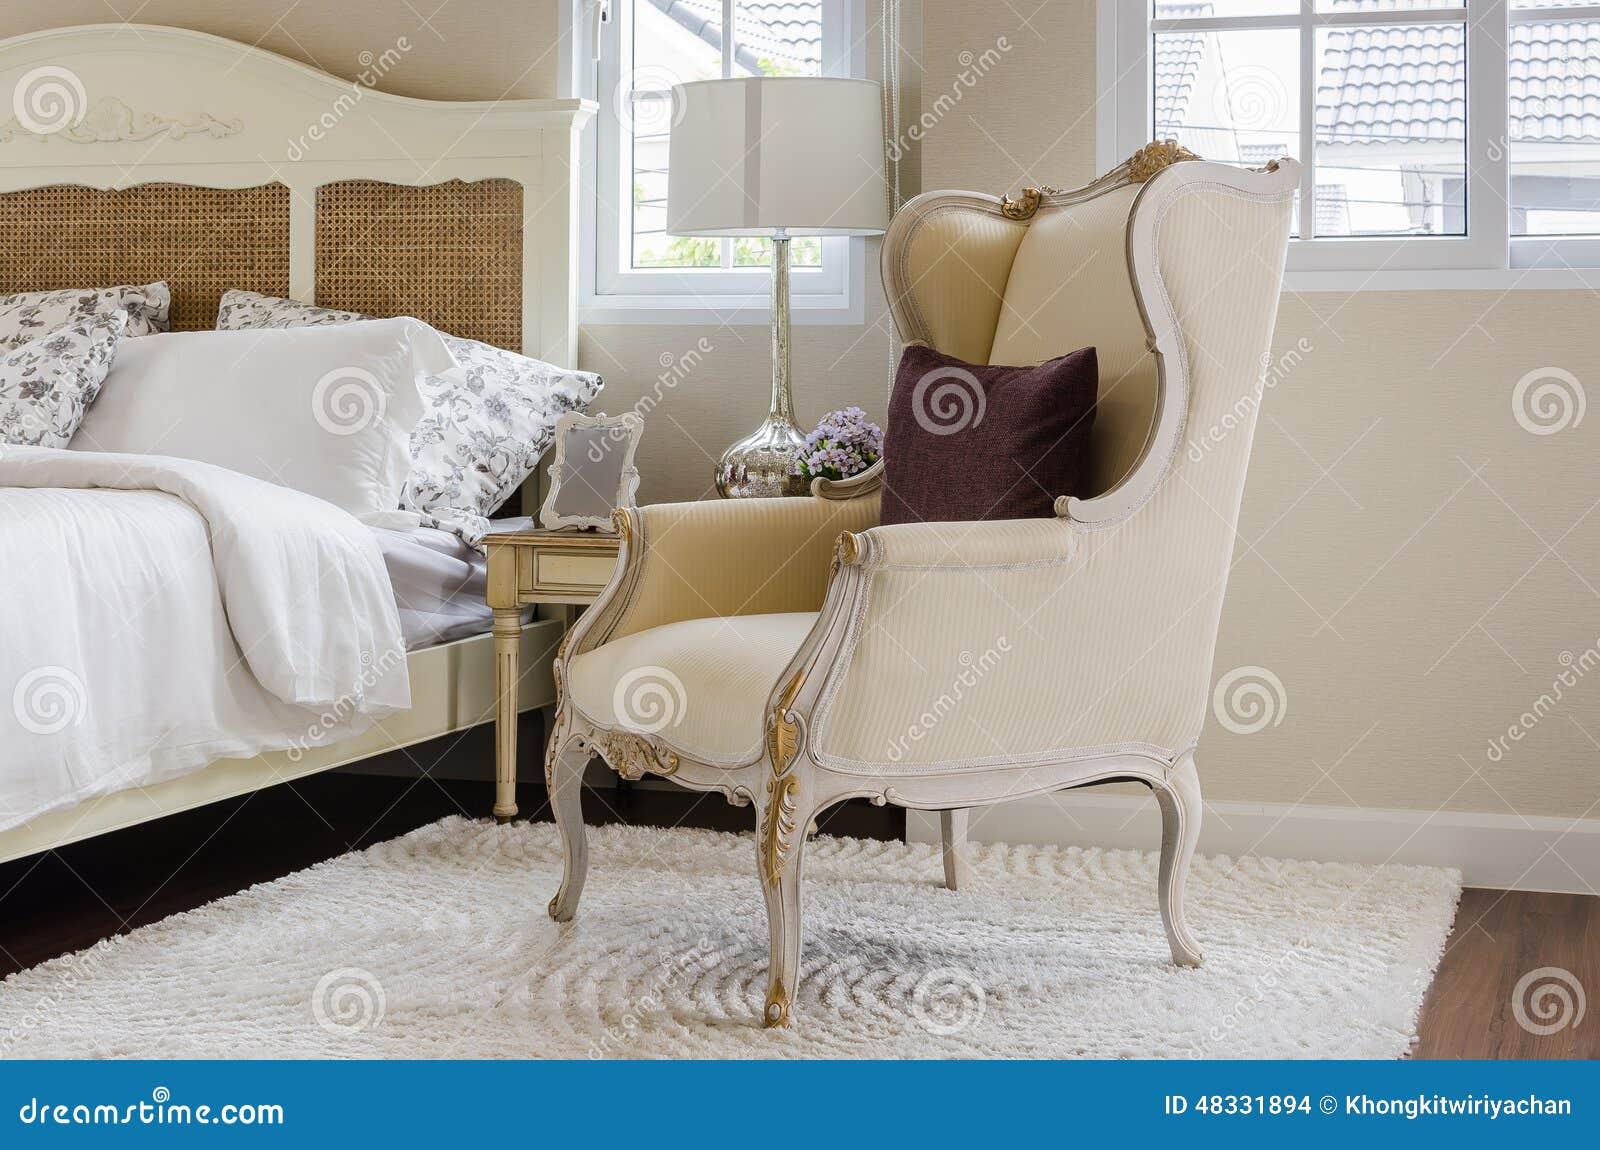 Sedia classica su tappeto con il cuscino in camera da letto di lusso fotografia stock immagine - Sedia camera da letto ...